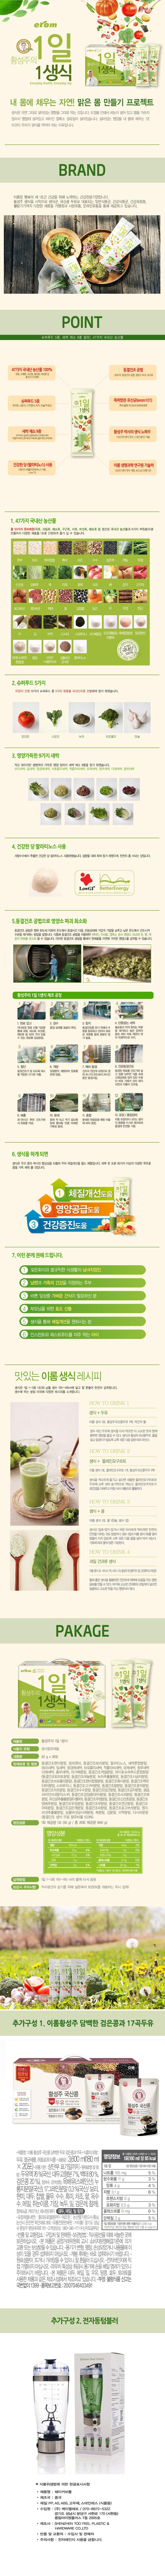 웹기술서_1일1생식16주 검은콩17곡파우치두유 New전동쉐이커.jpg